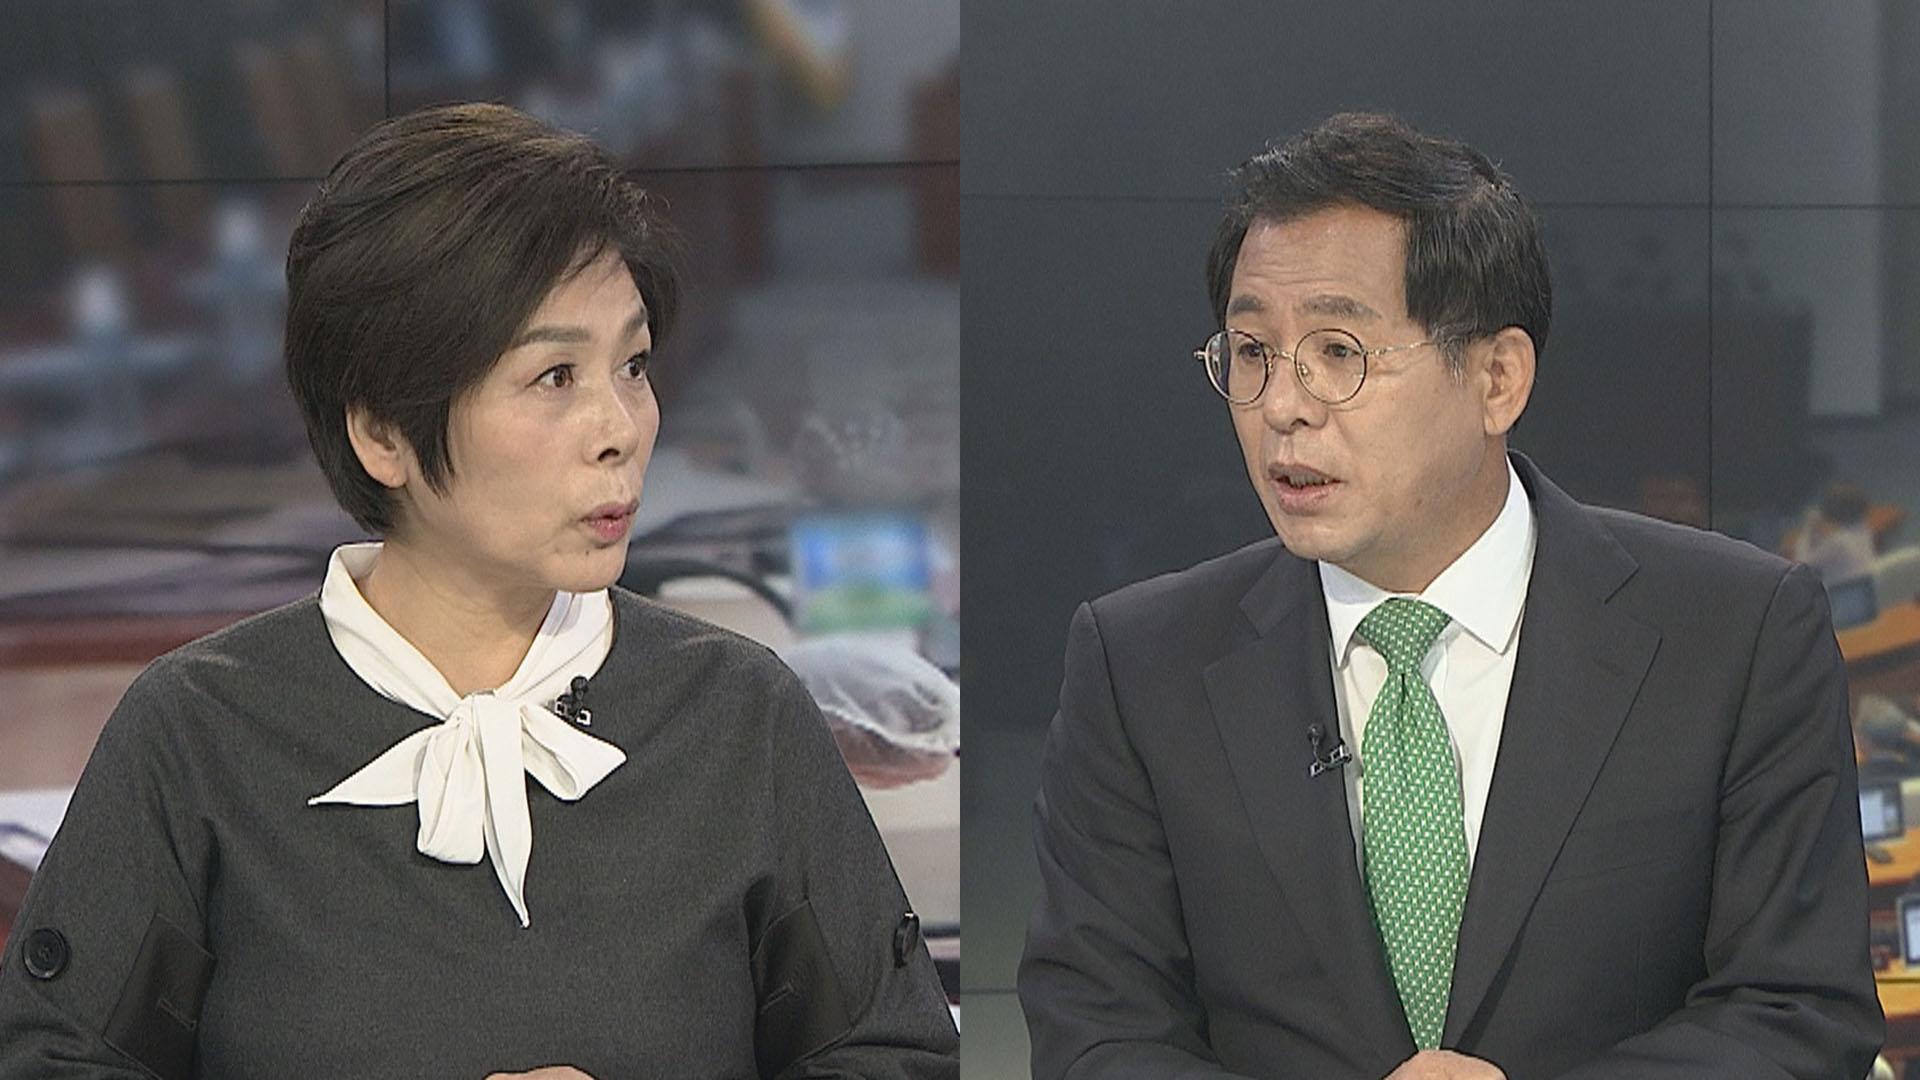 [뉴스포커스] <em class='find'>추미애</em>, 윤석열 작심 발언 조목조목 공개 비판